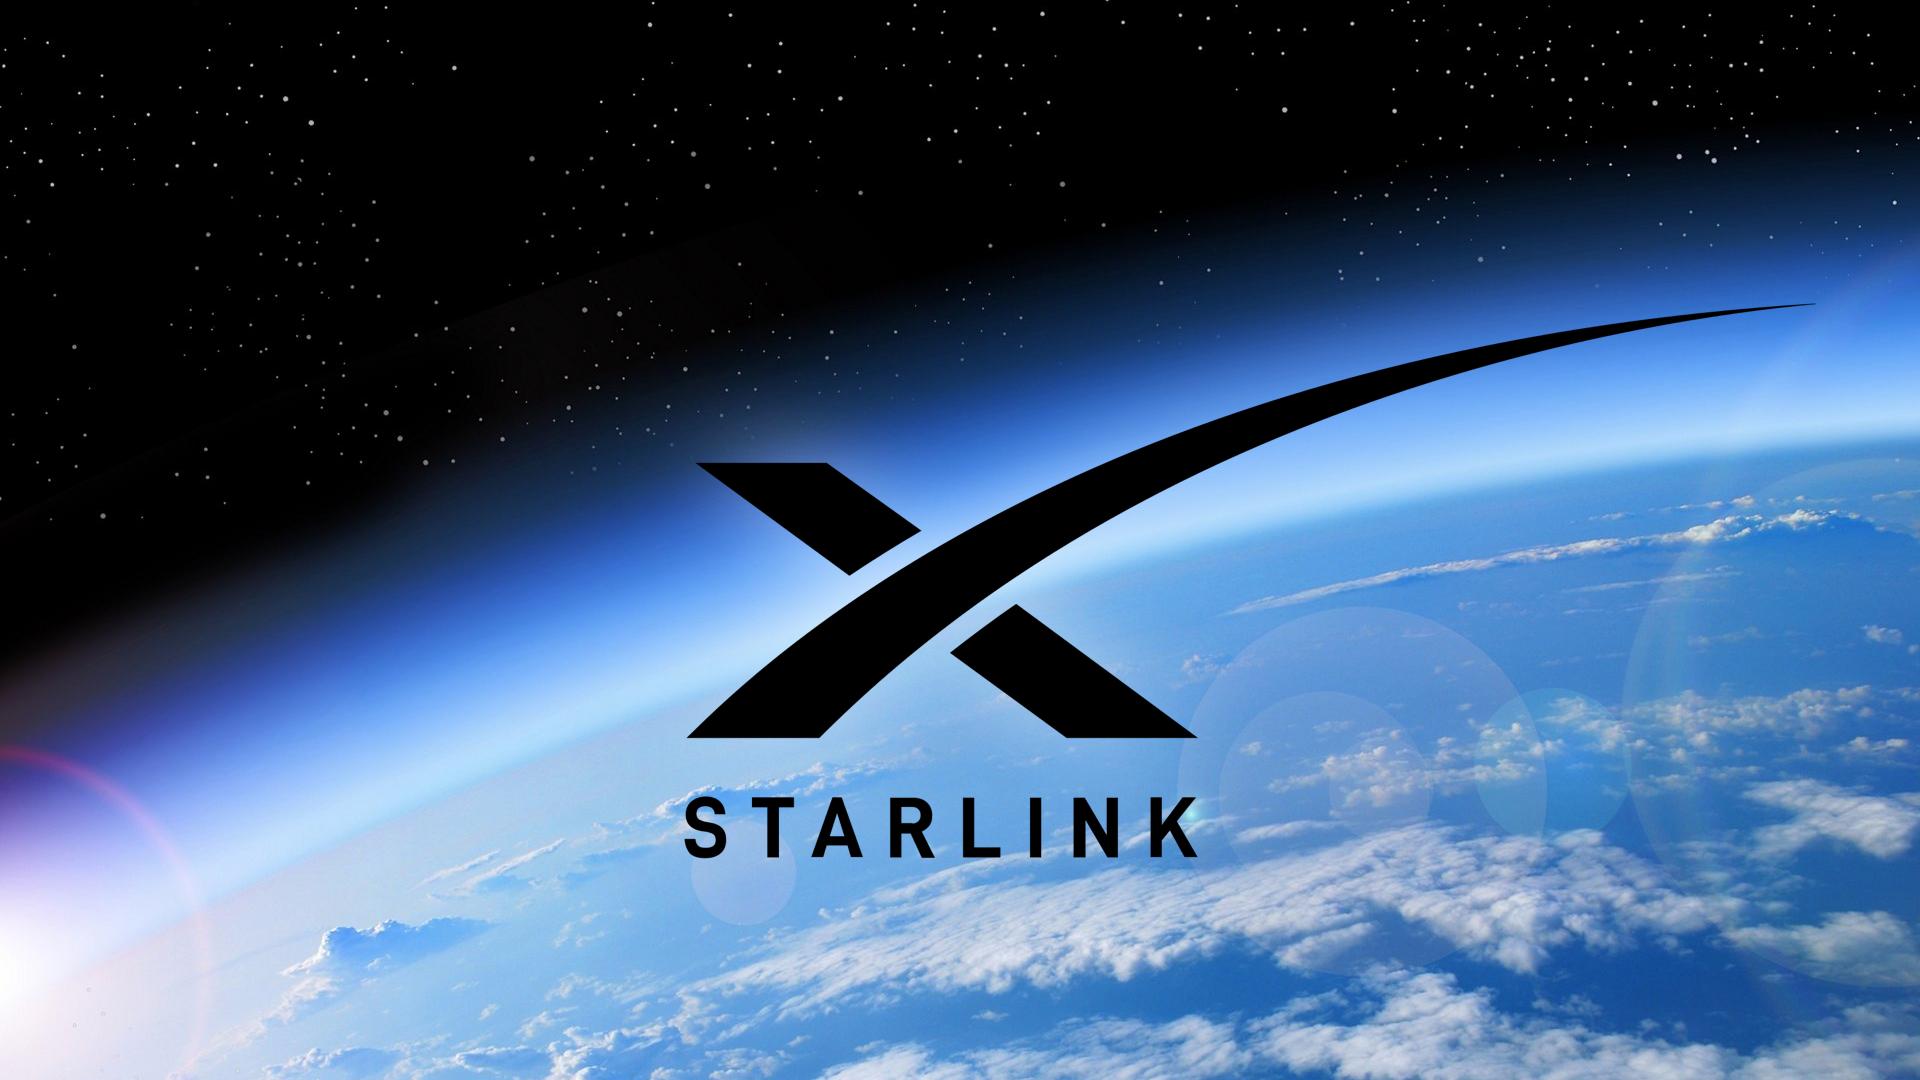 Starlink lance son offre d'accès internet par satellite à 99 euros par mois